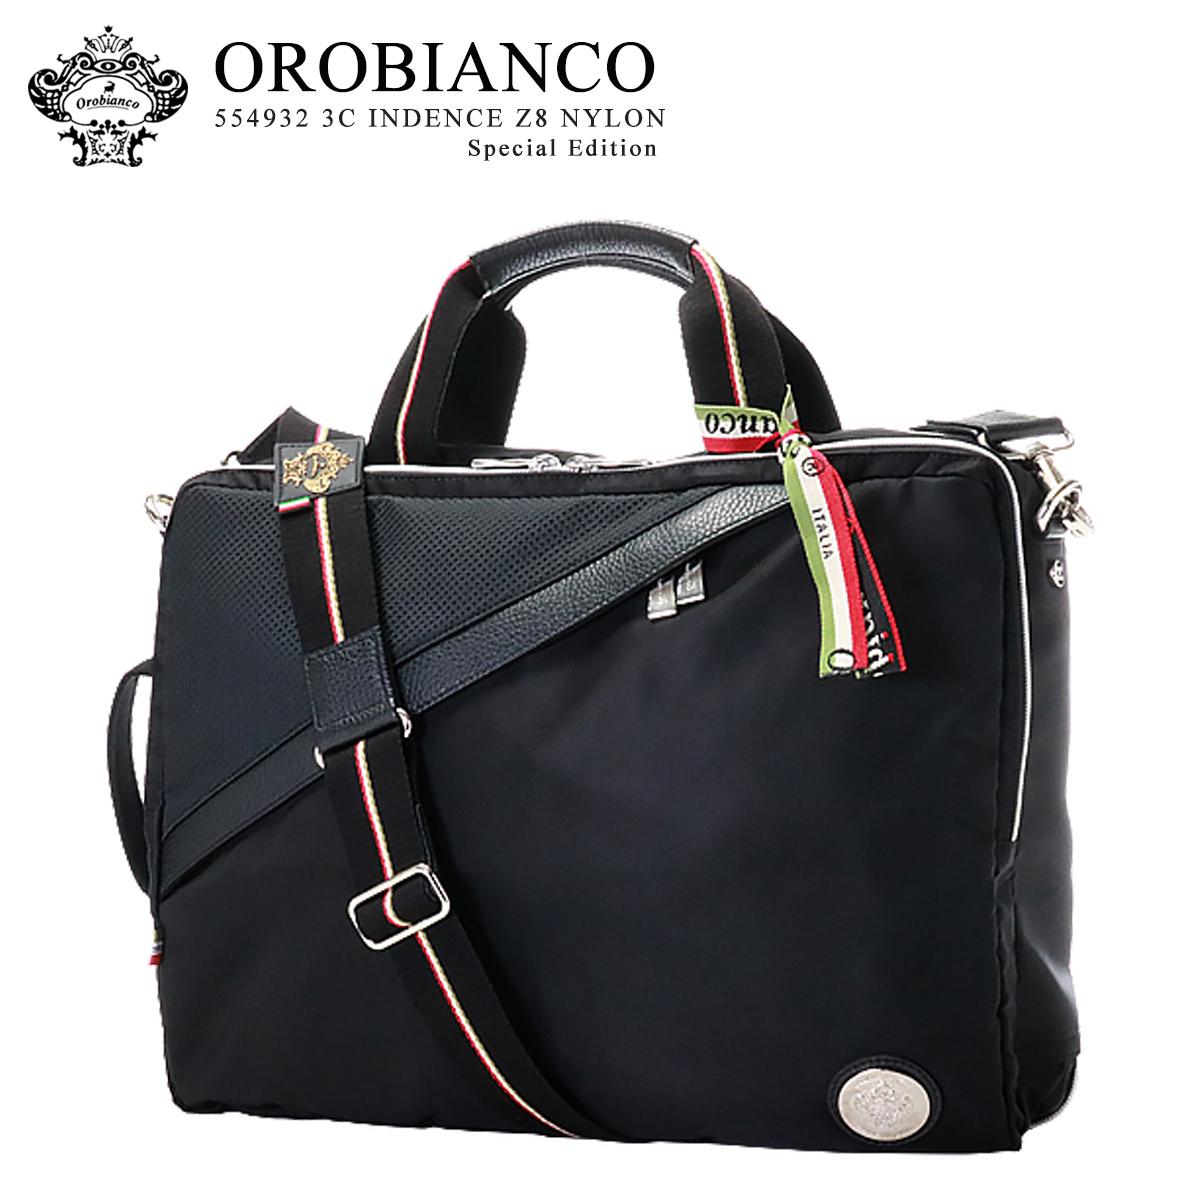 オロビアンコ ブリーフケース INDENNE-Z8 02 554932 | OROBIANCO ショルダーバッグ リュック ビジネスバッグ メンズ 【PO10】